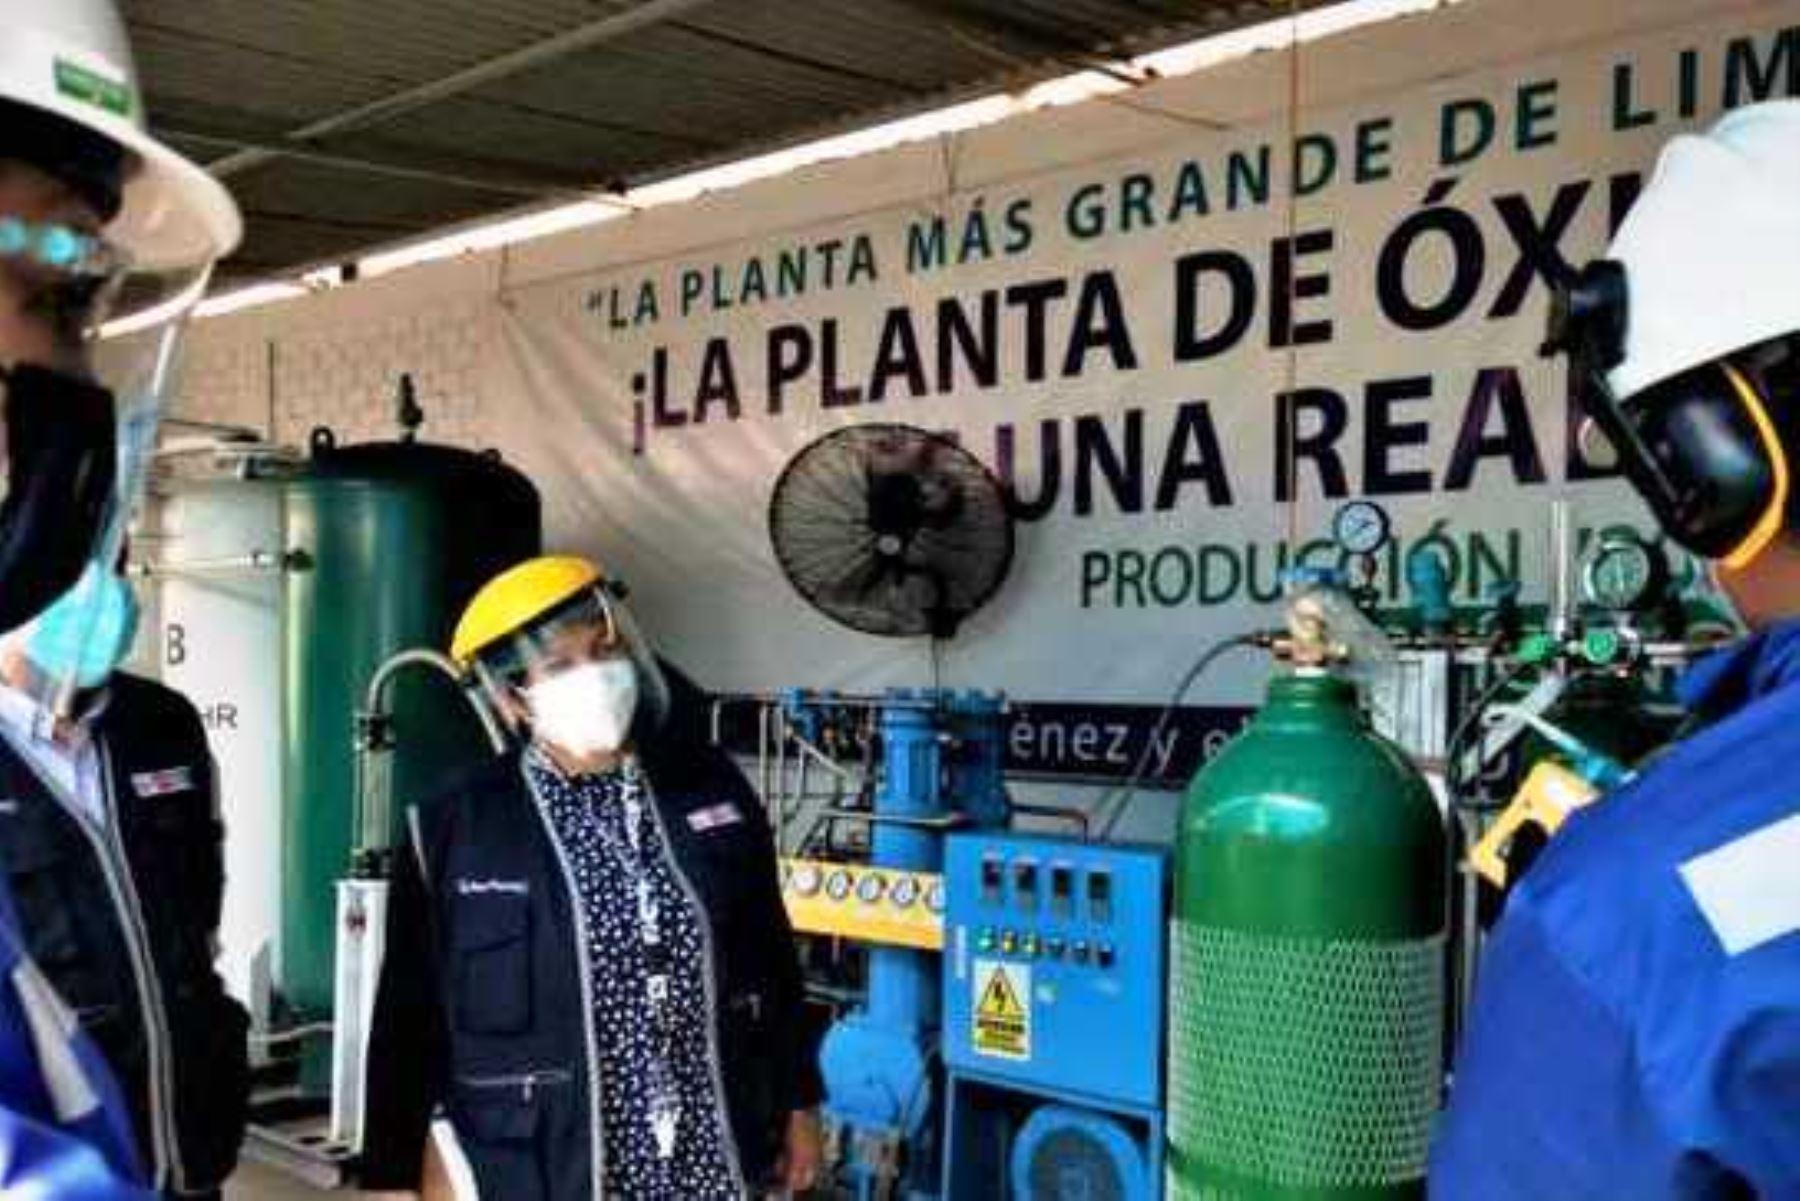 Minsa brindó autorización a alrededor de 300 plantas de oxígeno medicinal desde el 2020. Foto: ANDINA/difusión.